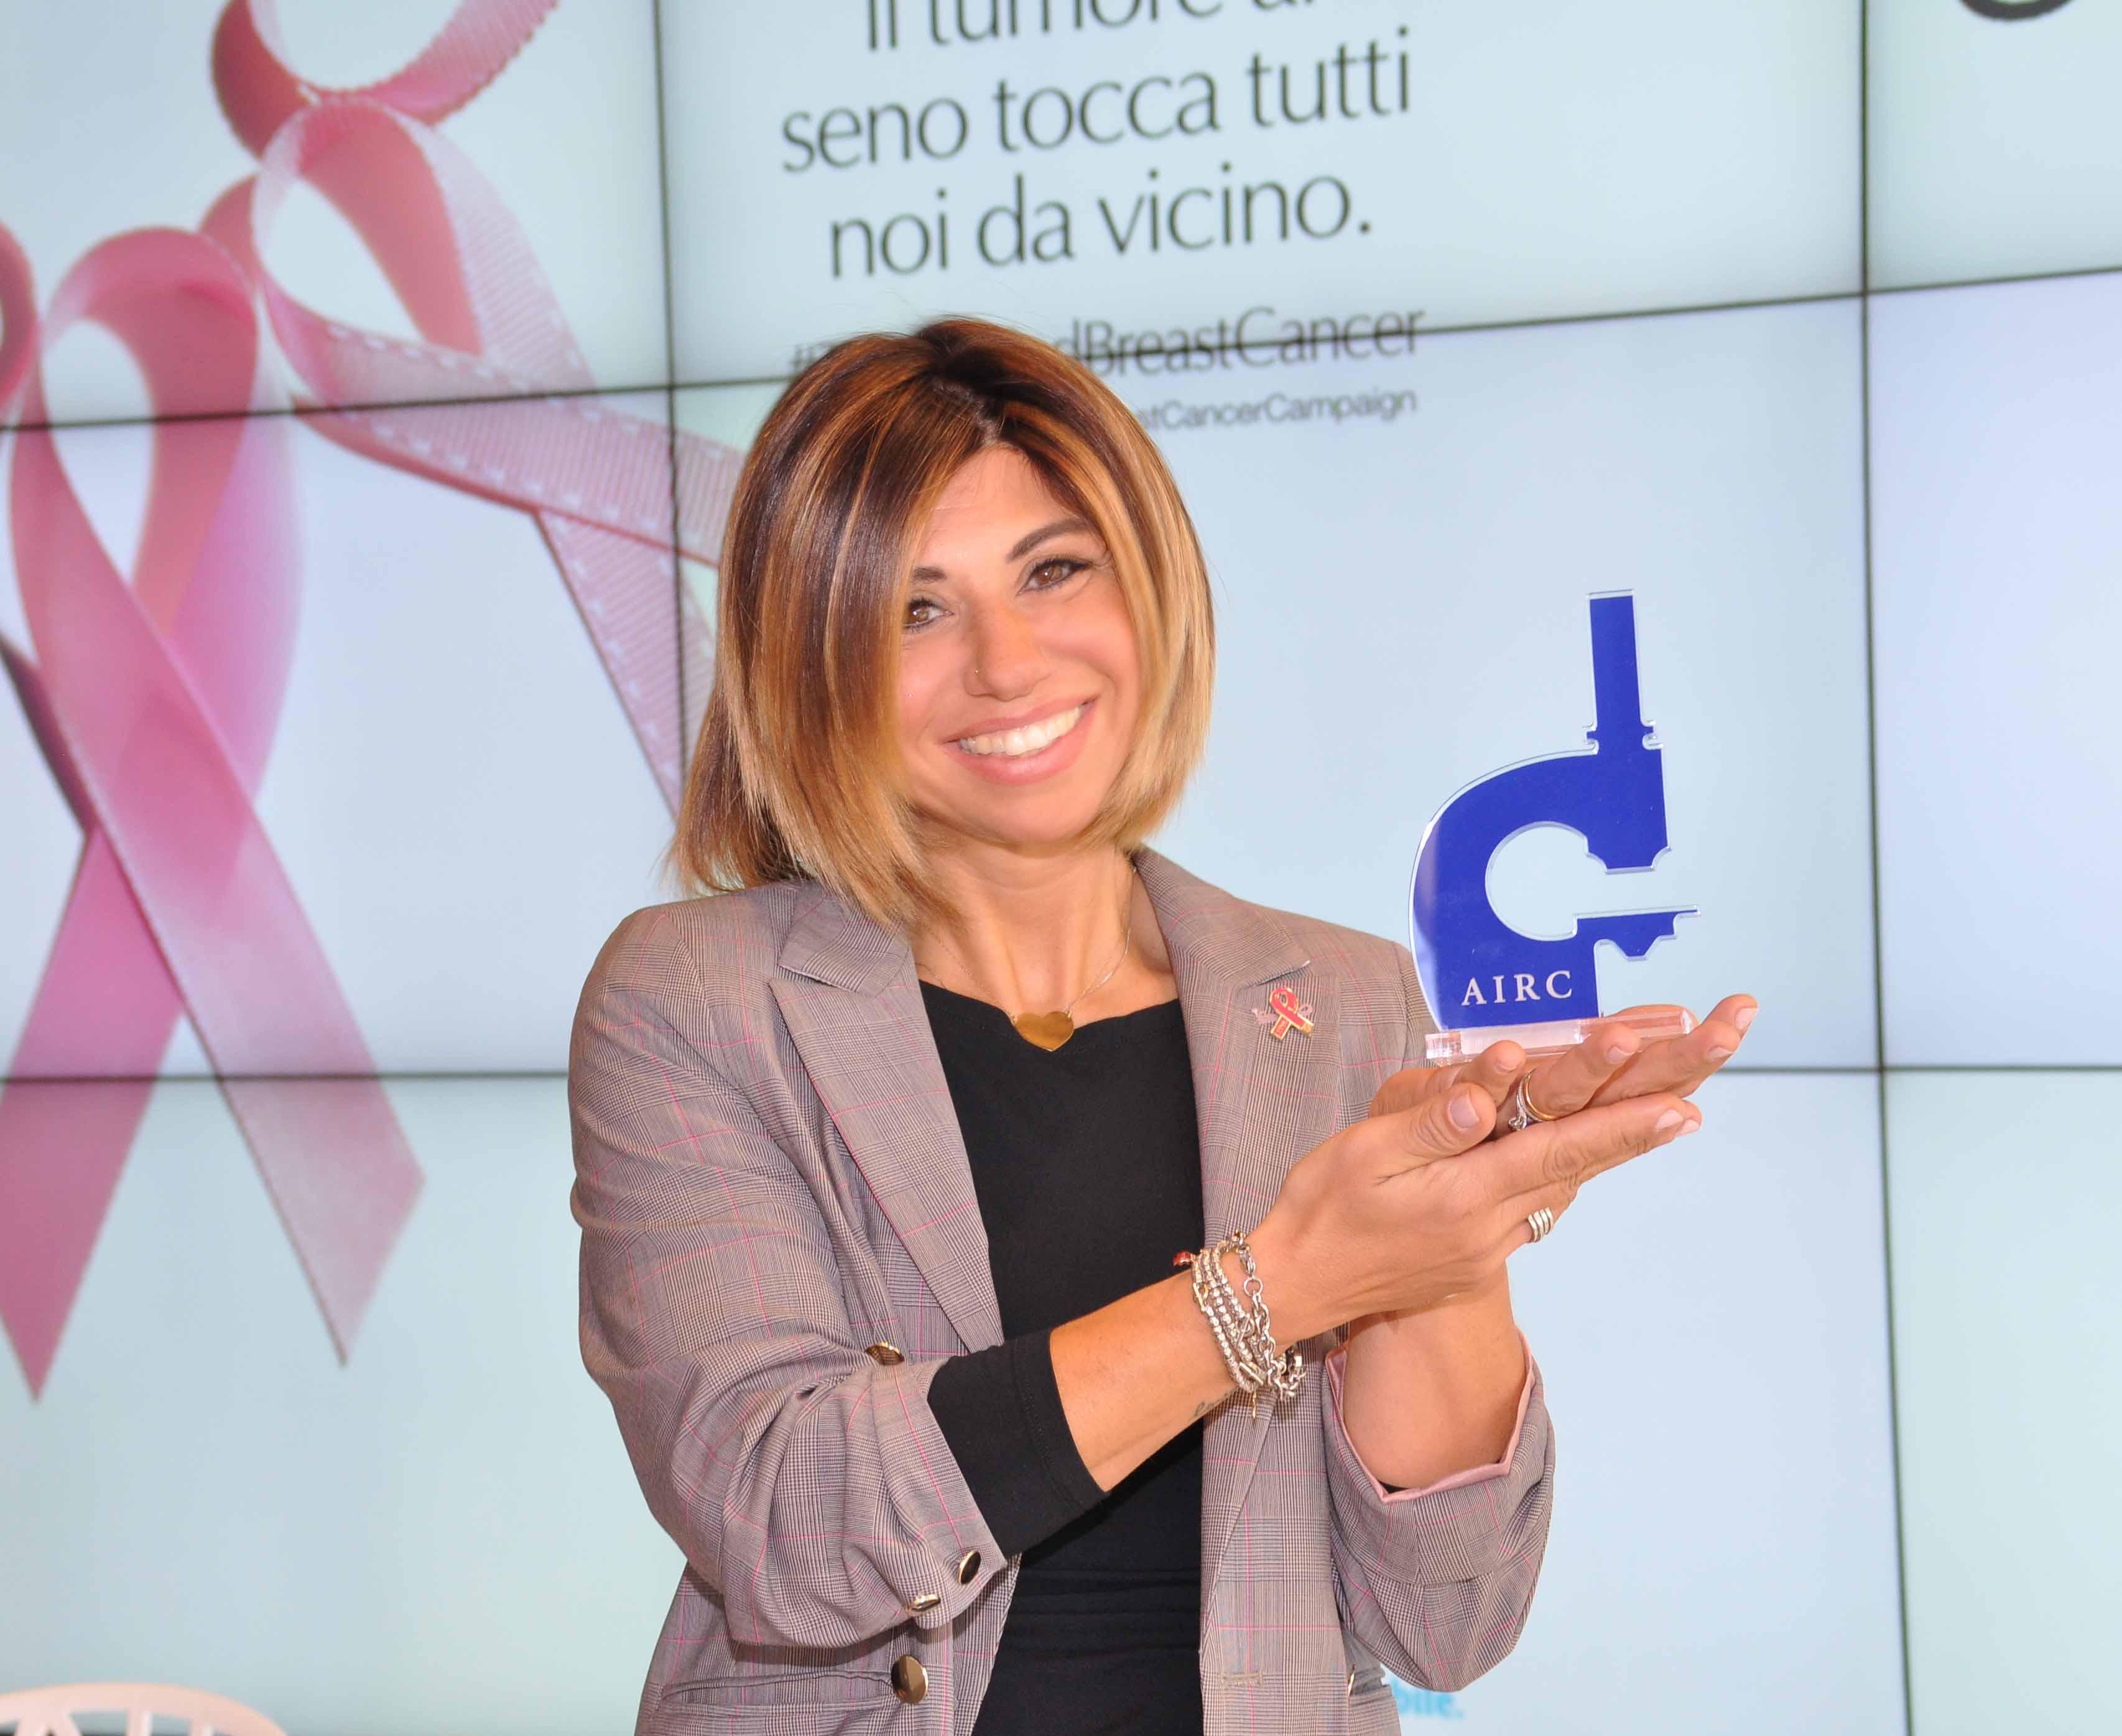 Con ottobre arriva Frecciarosa, per prevenzione tumore seno